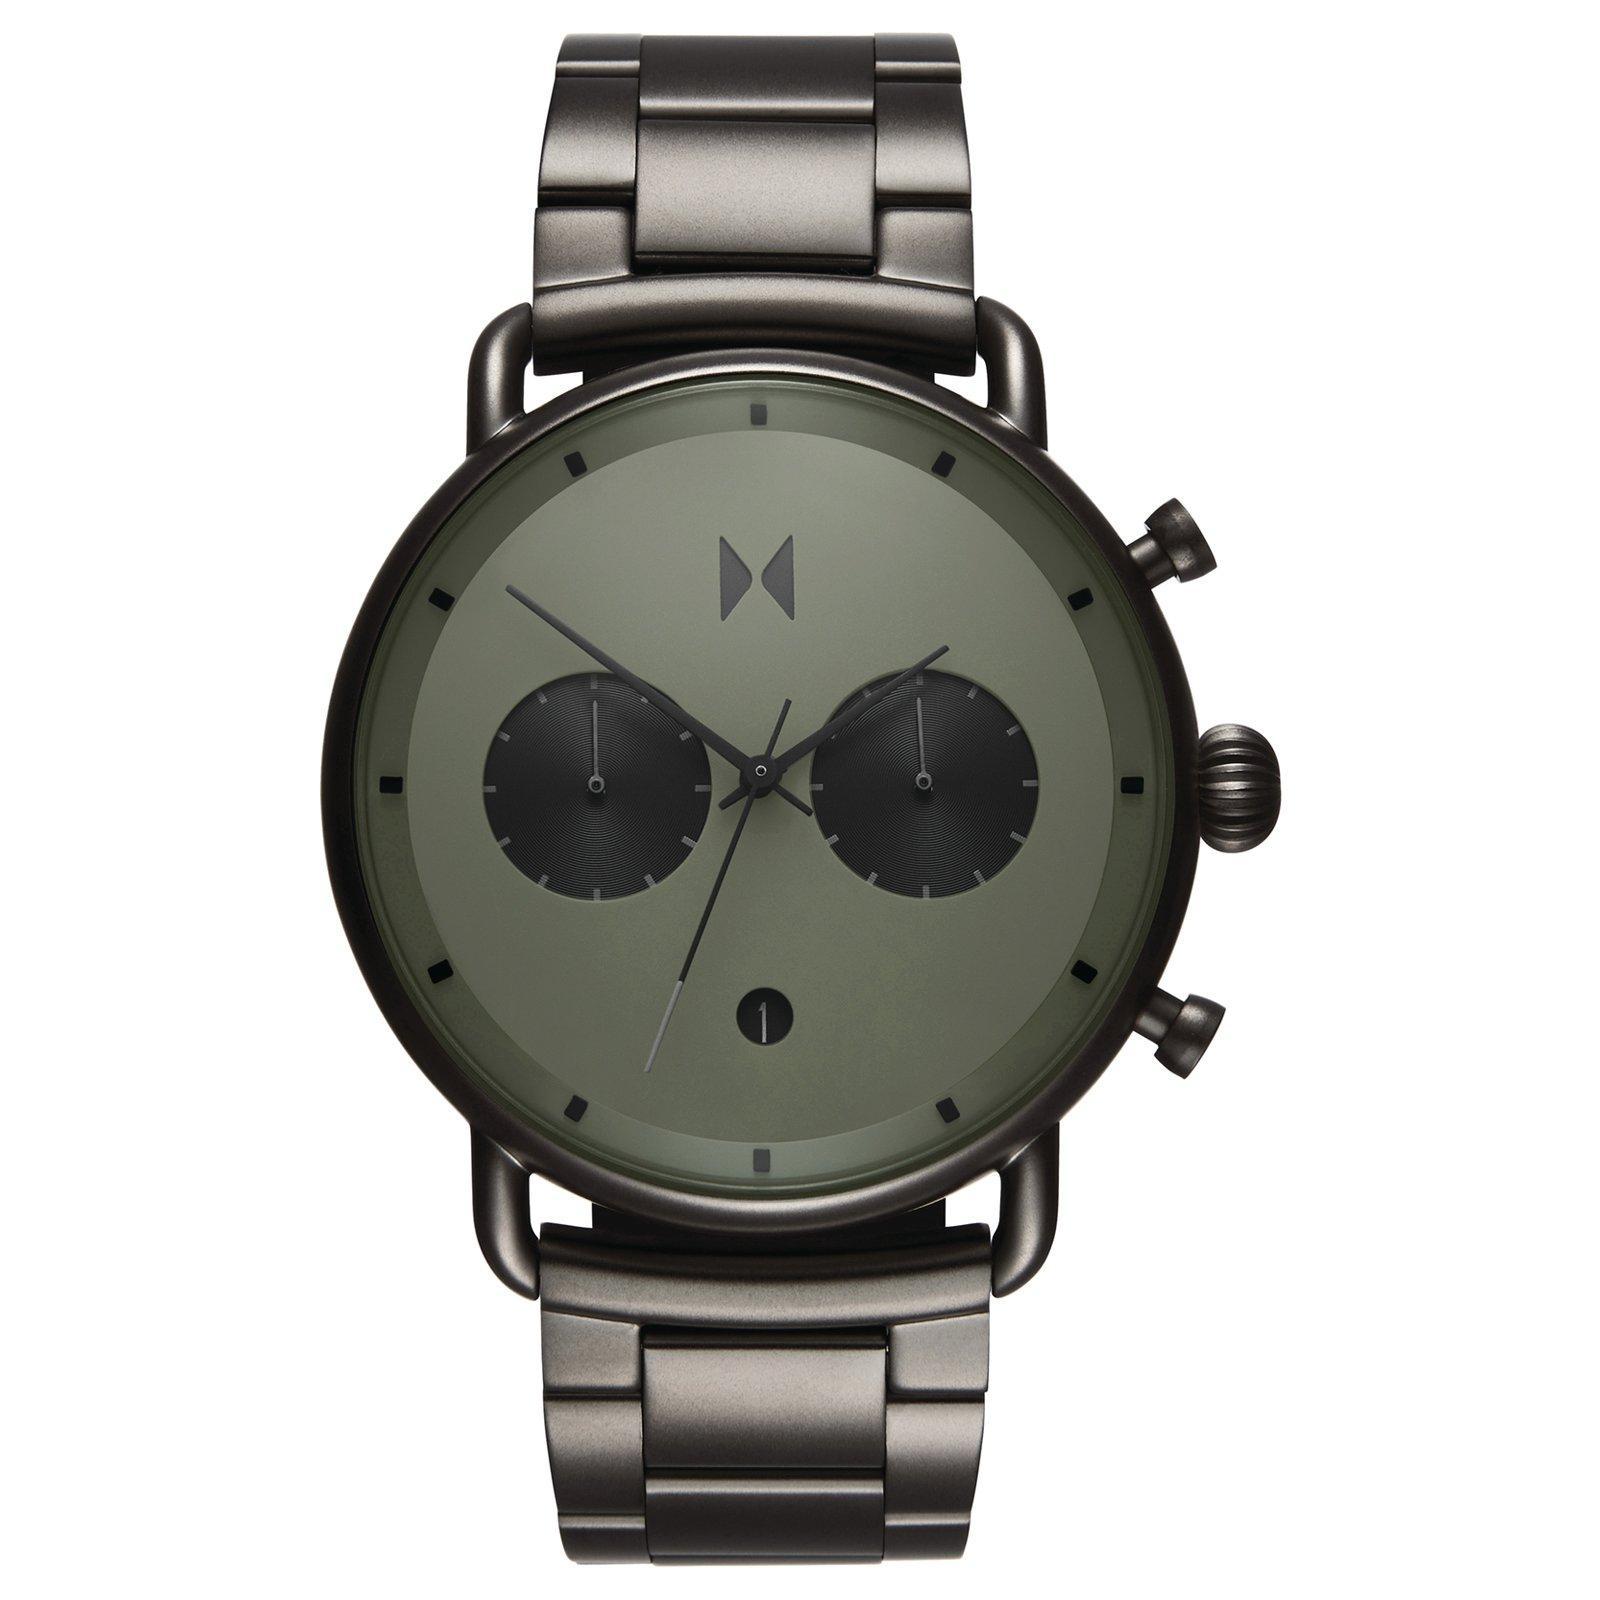 MVMT Blacktop Gunmetal Chronograph Men's Watch